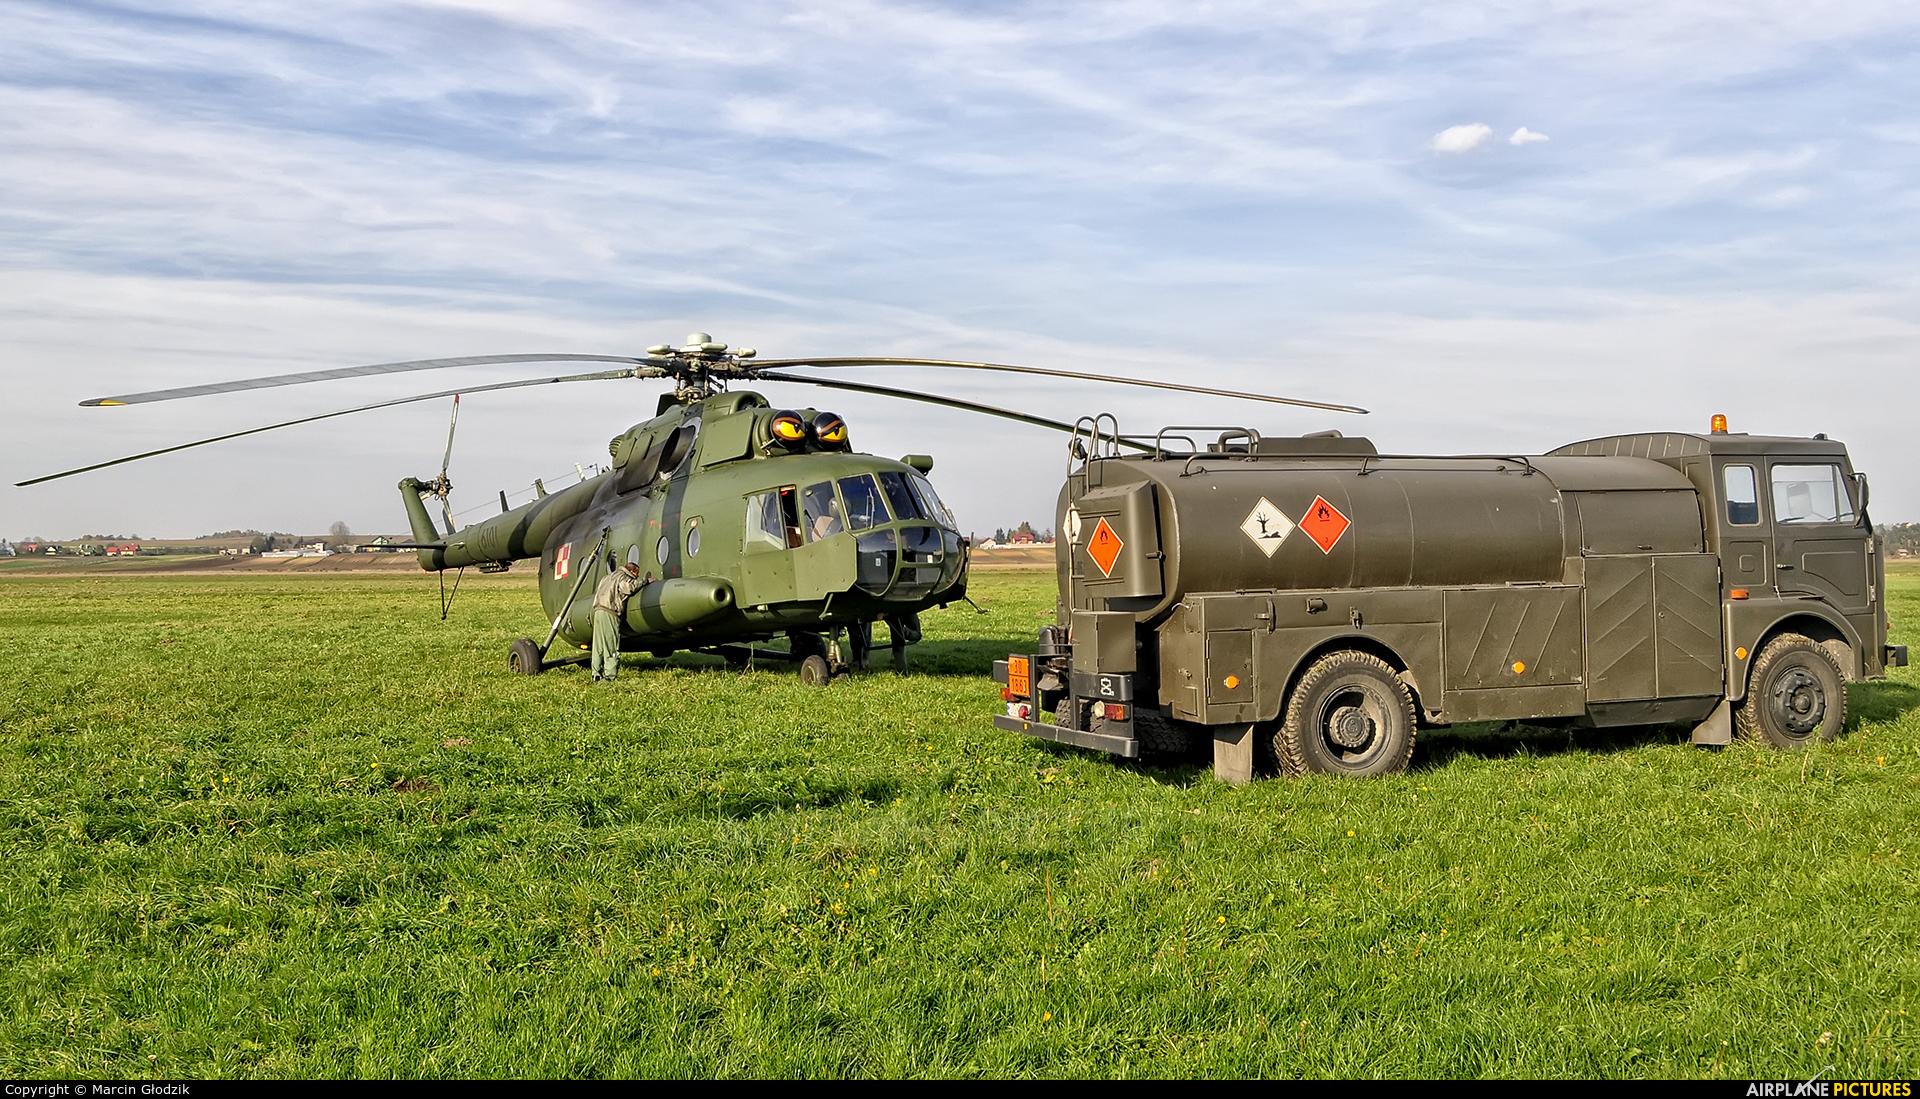 Poland - Army 6101 aircraft at Kraków - Pobiednik Wielki